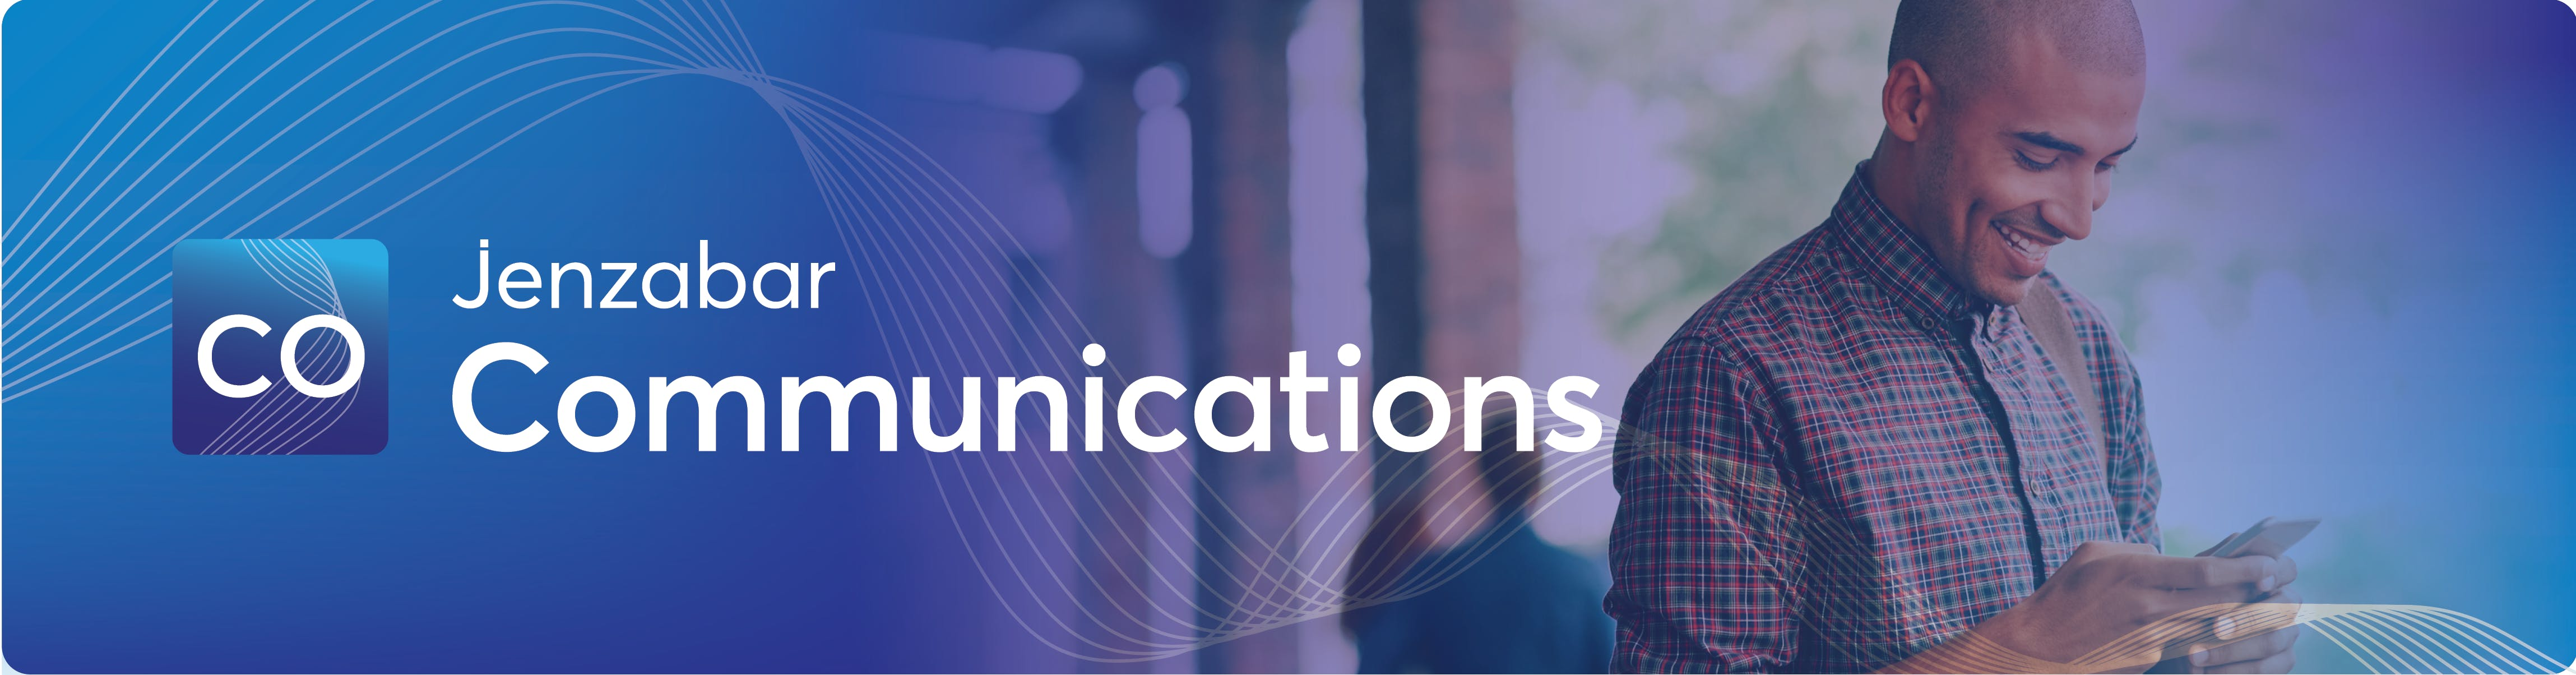 Jenzabar Communications Product Sheet